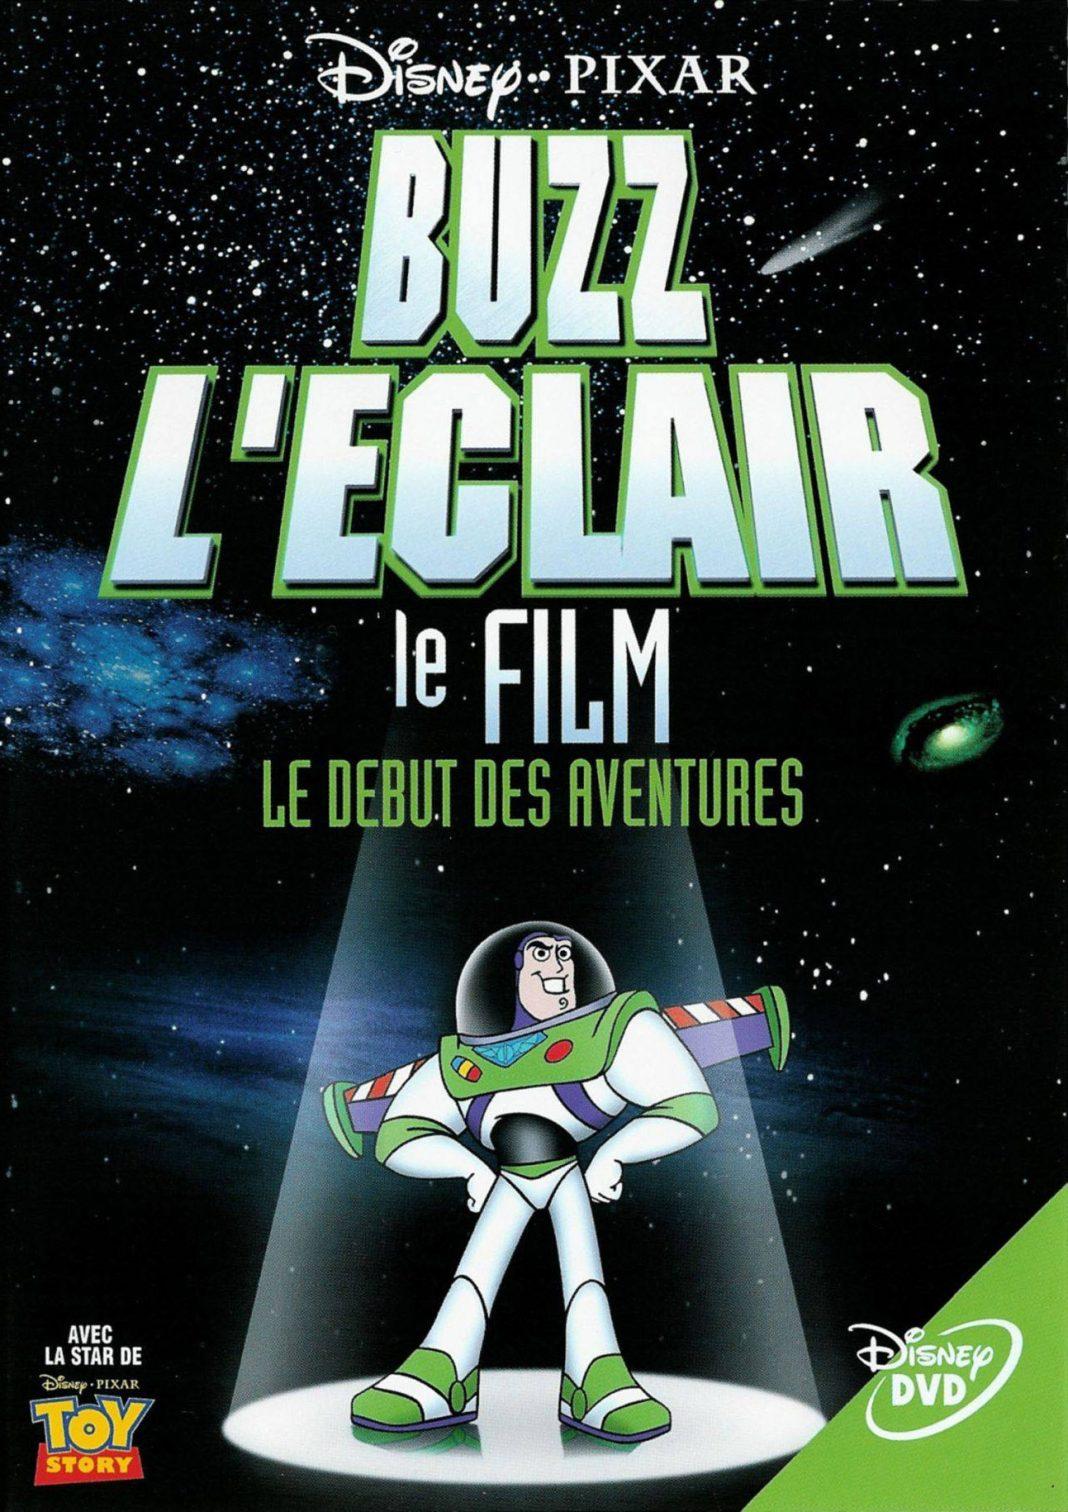 Pixar disney aventures buzz éclair star command adventure begins aventure début affiche poster